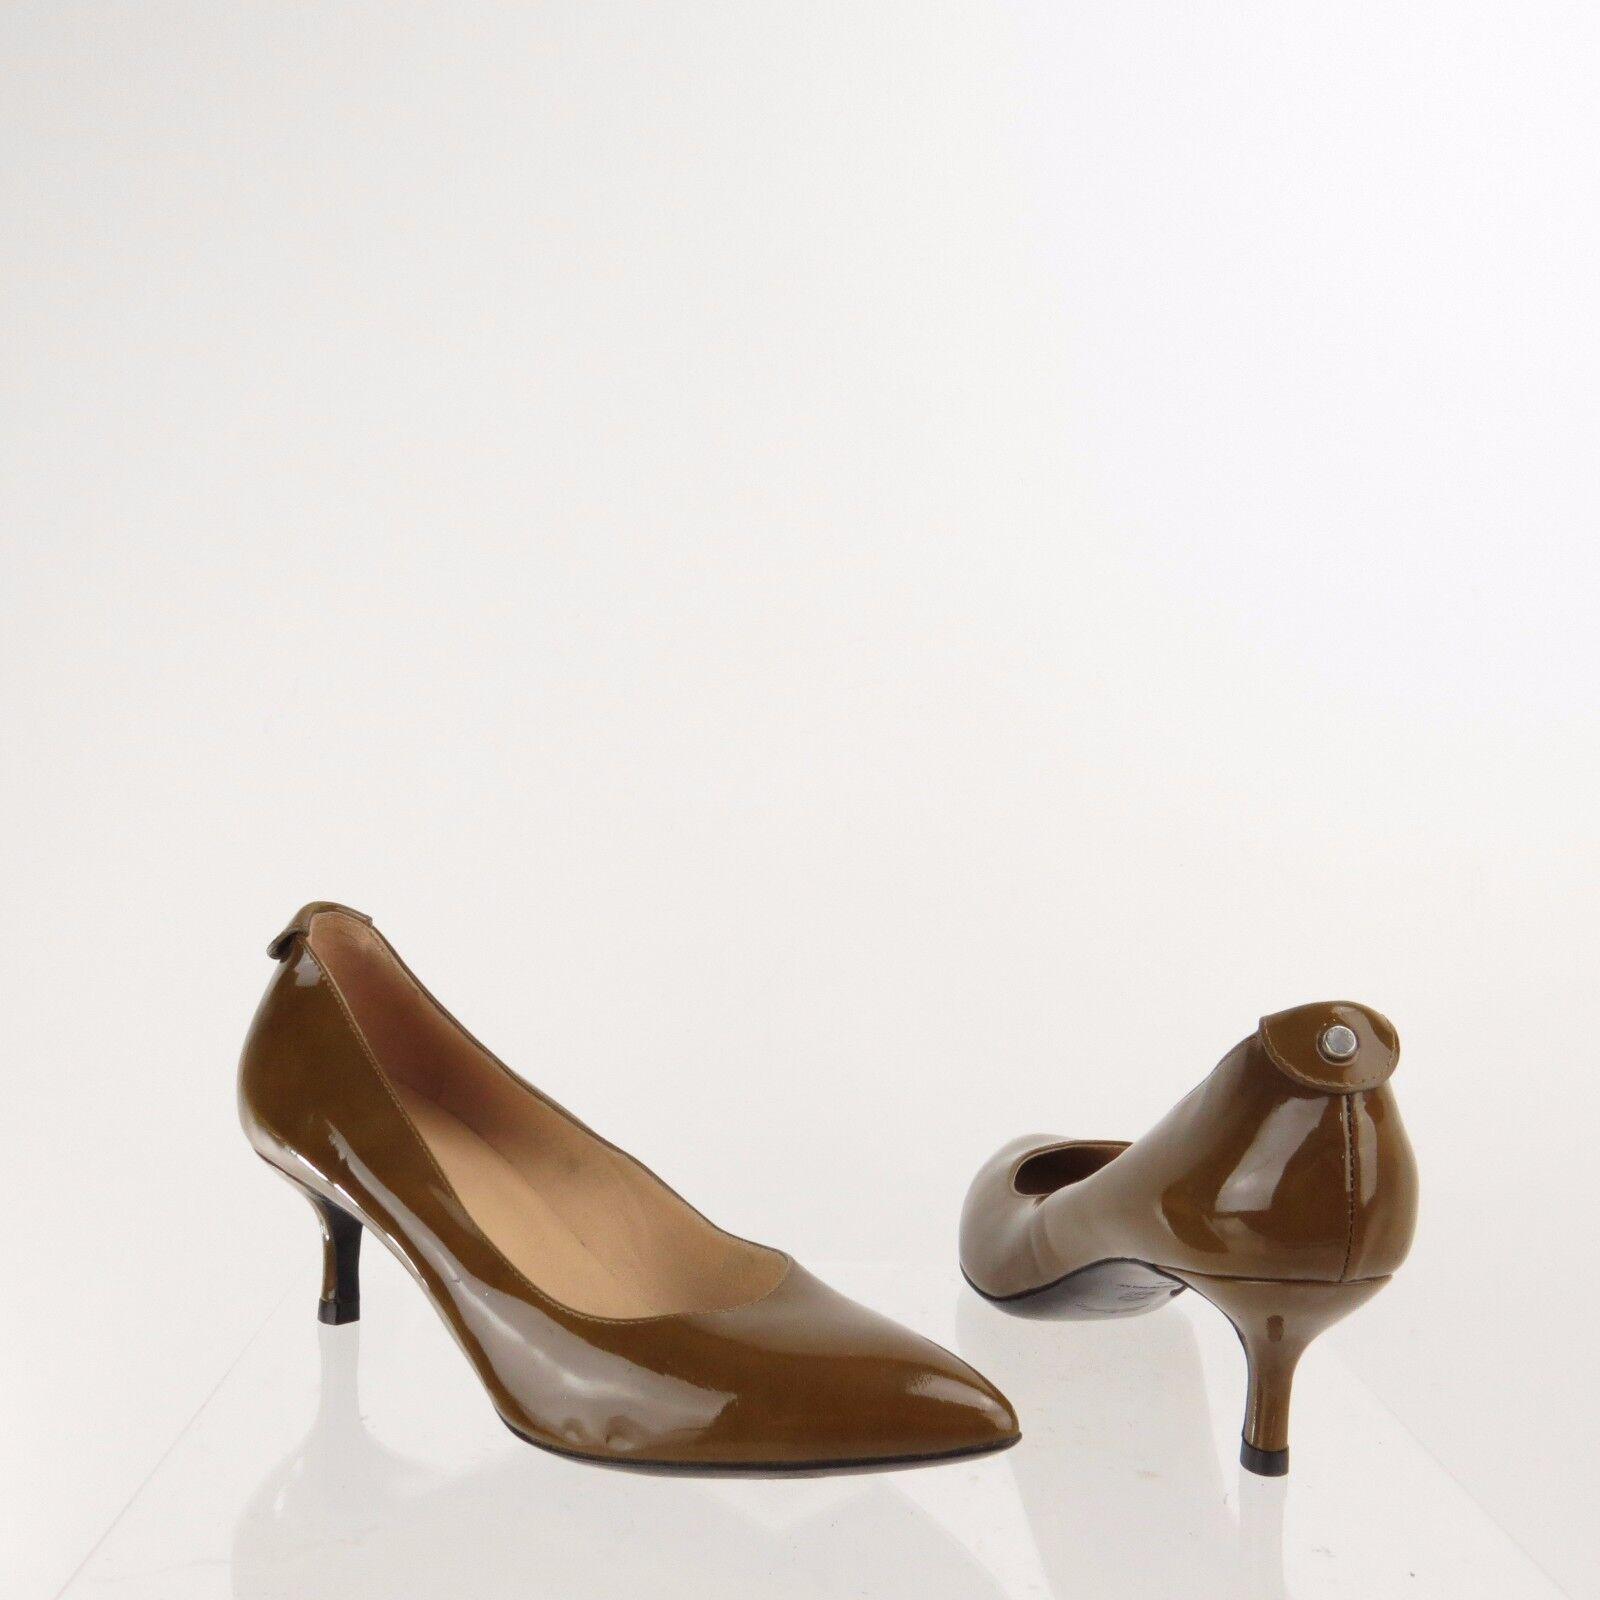 Femme Long Champ Chaussures marron cuir verni bout pointu Escarpins SZ UE 36 nouveau  390